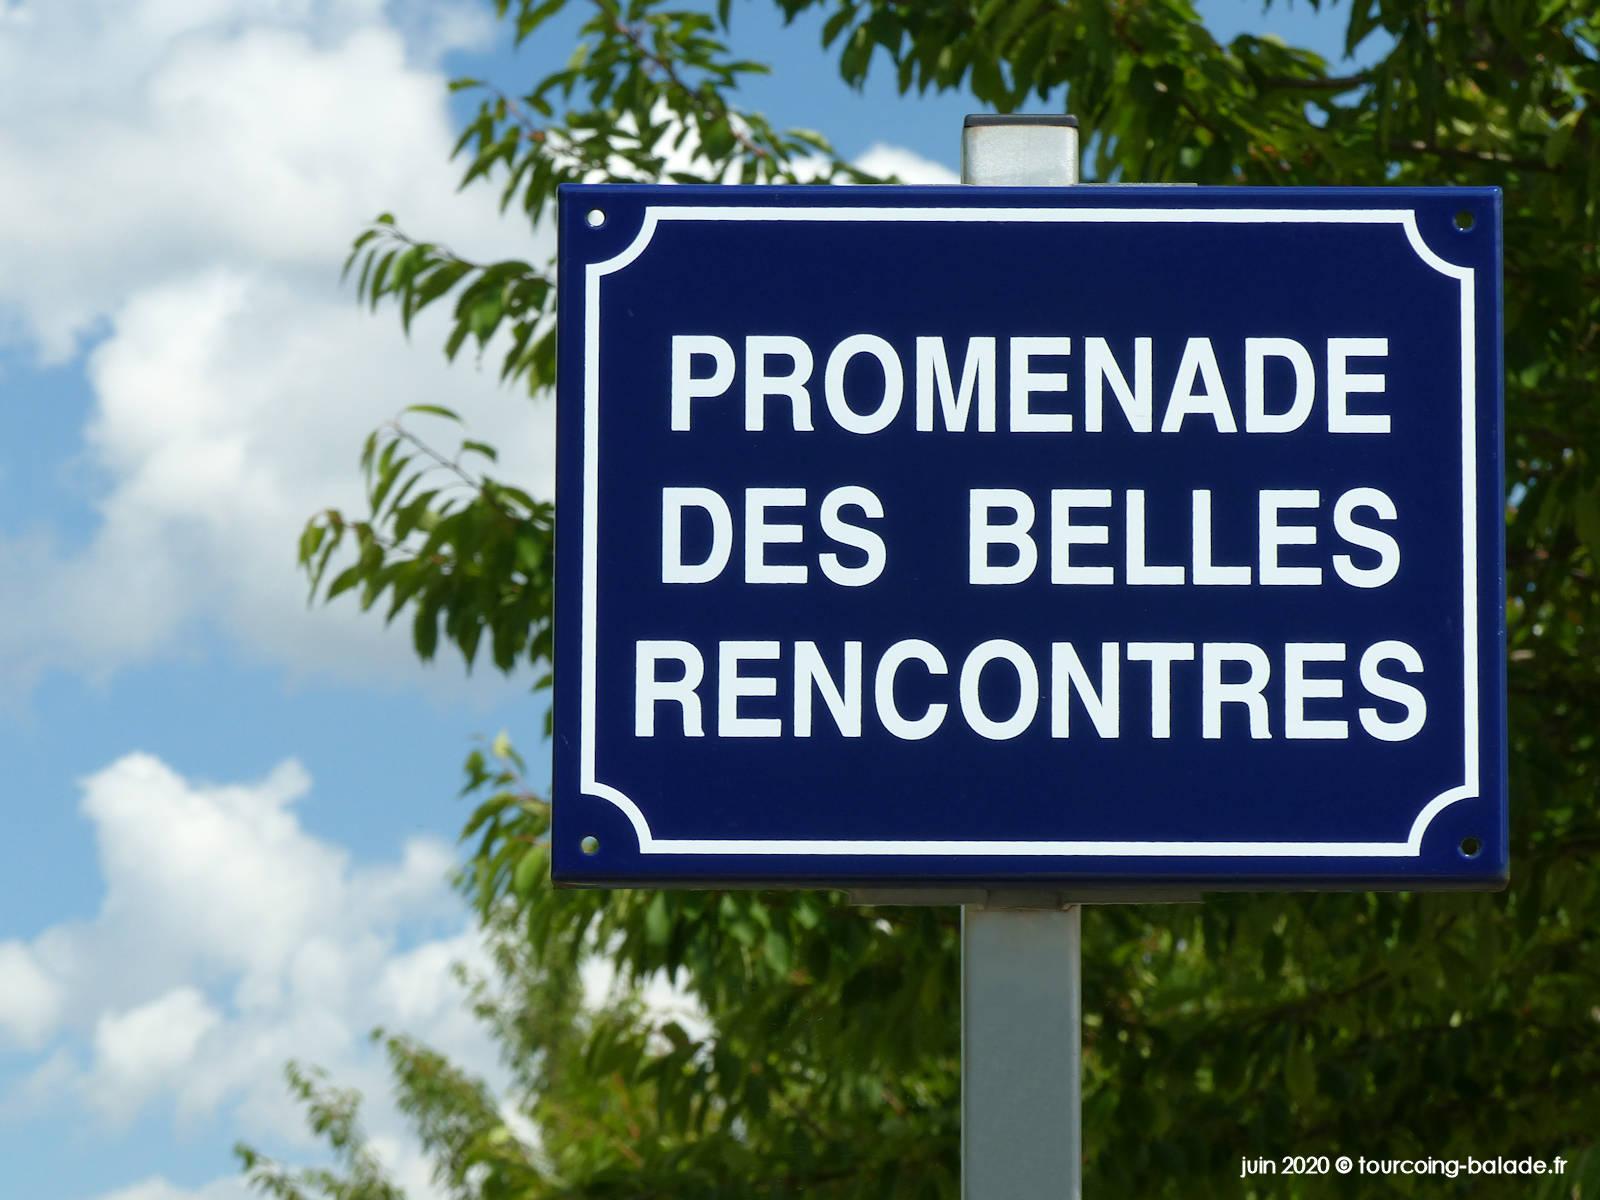 Panneau Promenade des Belles Rencontres, Tourcoing 2020